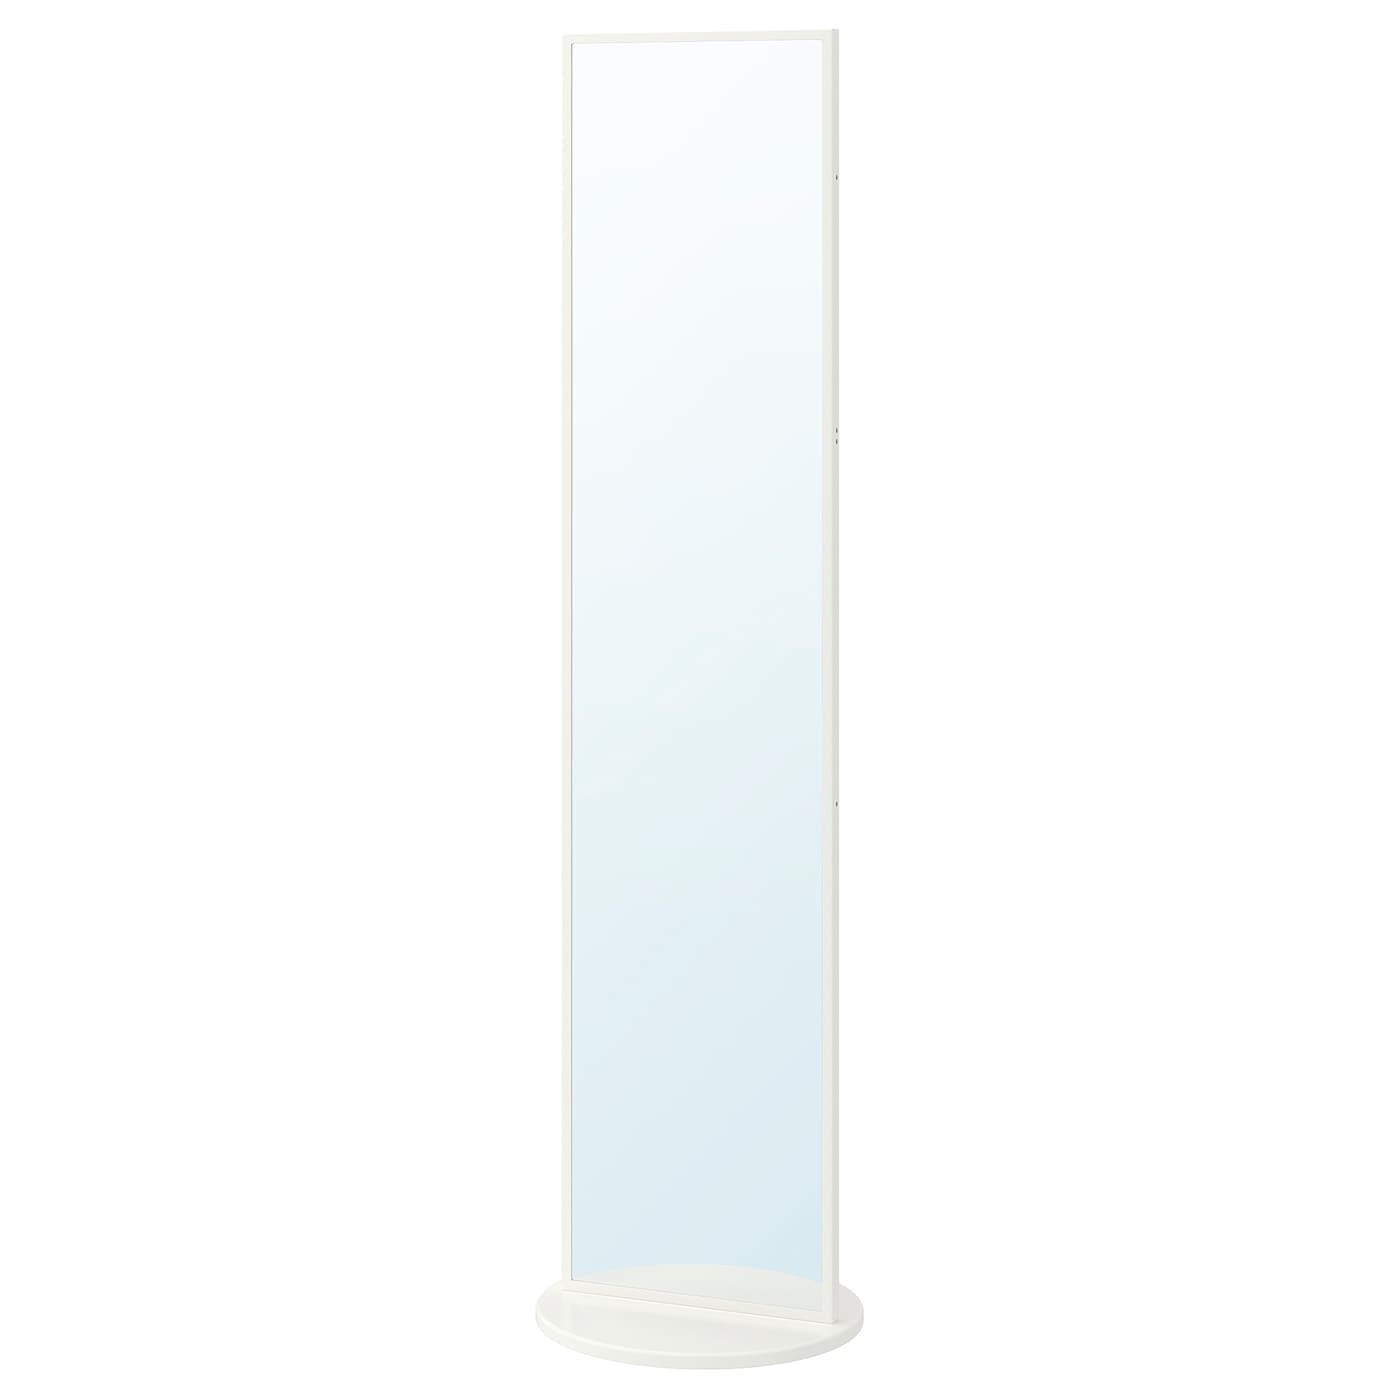 Vennesla Floor Mirror White 17 3 4x69 7 8 Ikea